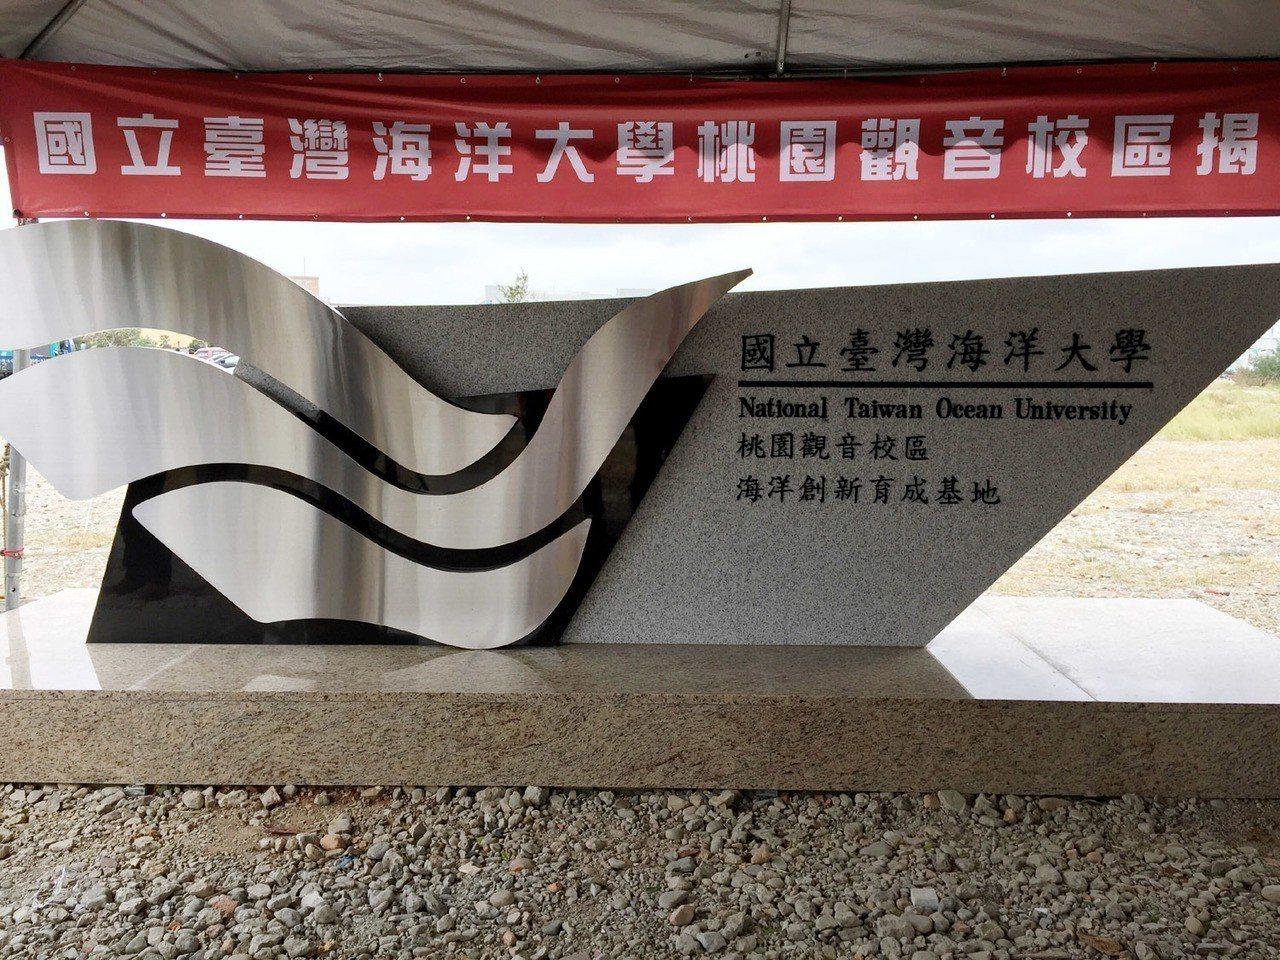 國立台灣海洋大學桃園觀音校區揭牌啟動,未來興建海洋環境暨藻礁中心、觀賞水族與經濟...